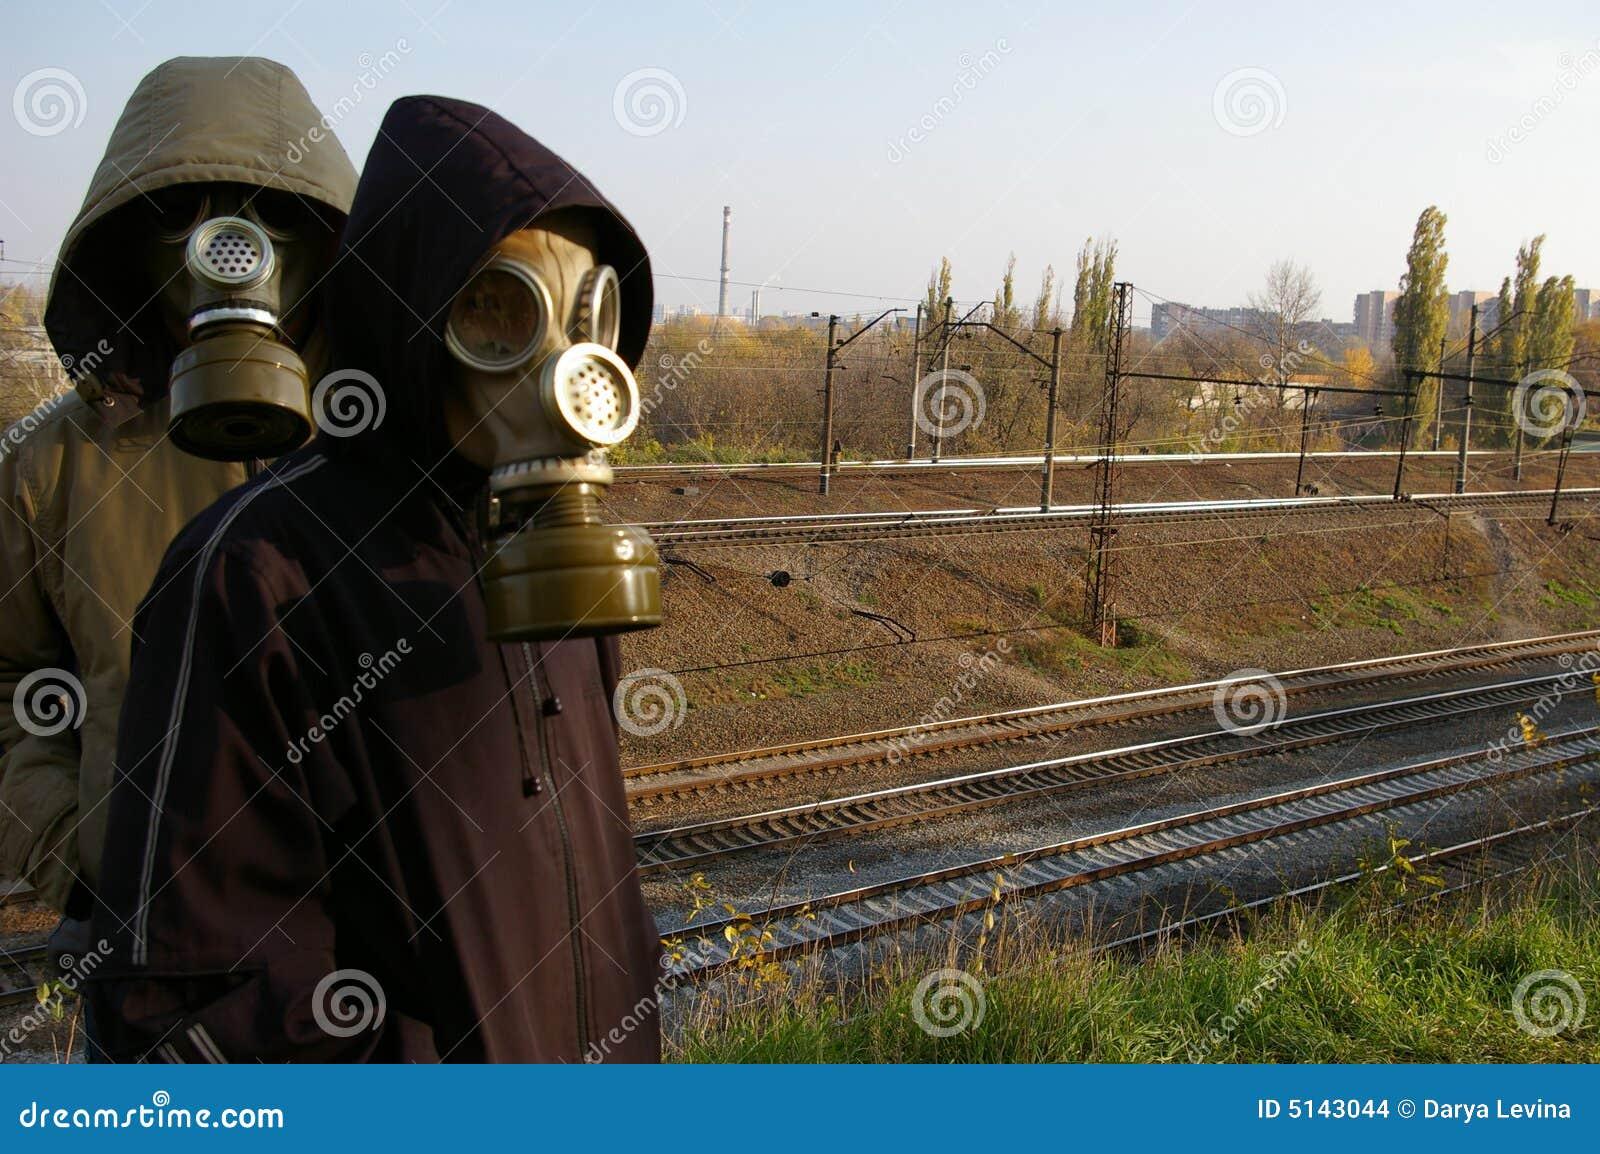 Due tiranti nelle mascherine, levantesi in piedi contro un contesto di